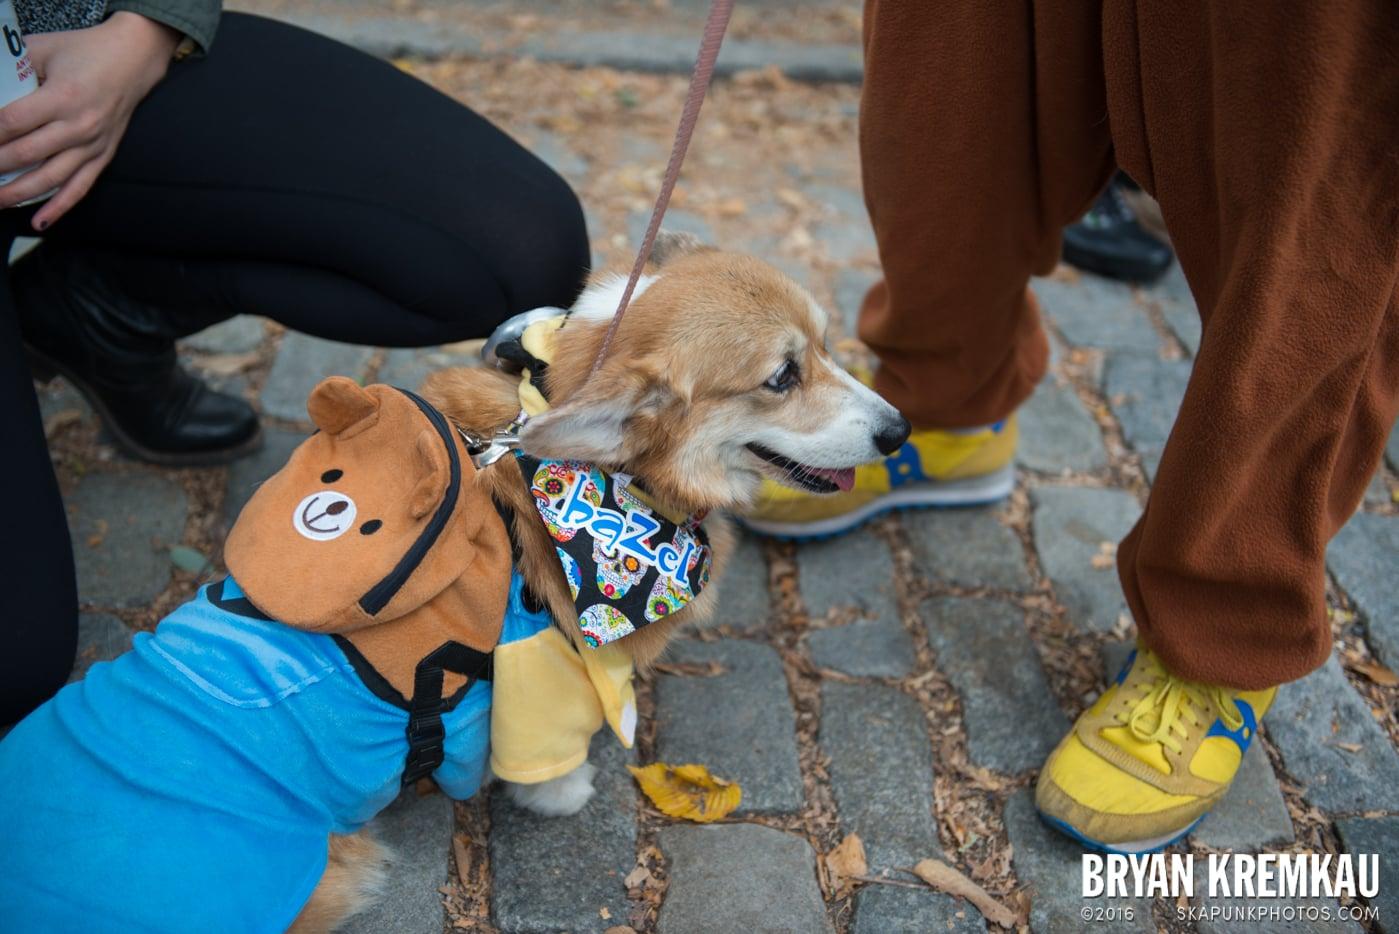 Tompkins Square Halloween Dog Parade 2015 @ Tompkins Square Park, NYC – 10.24.15 (12)